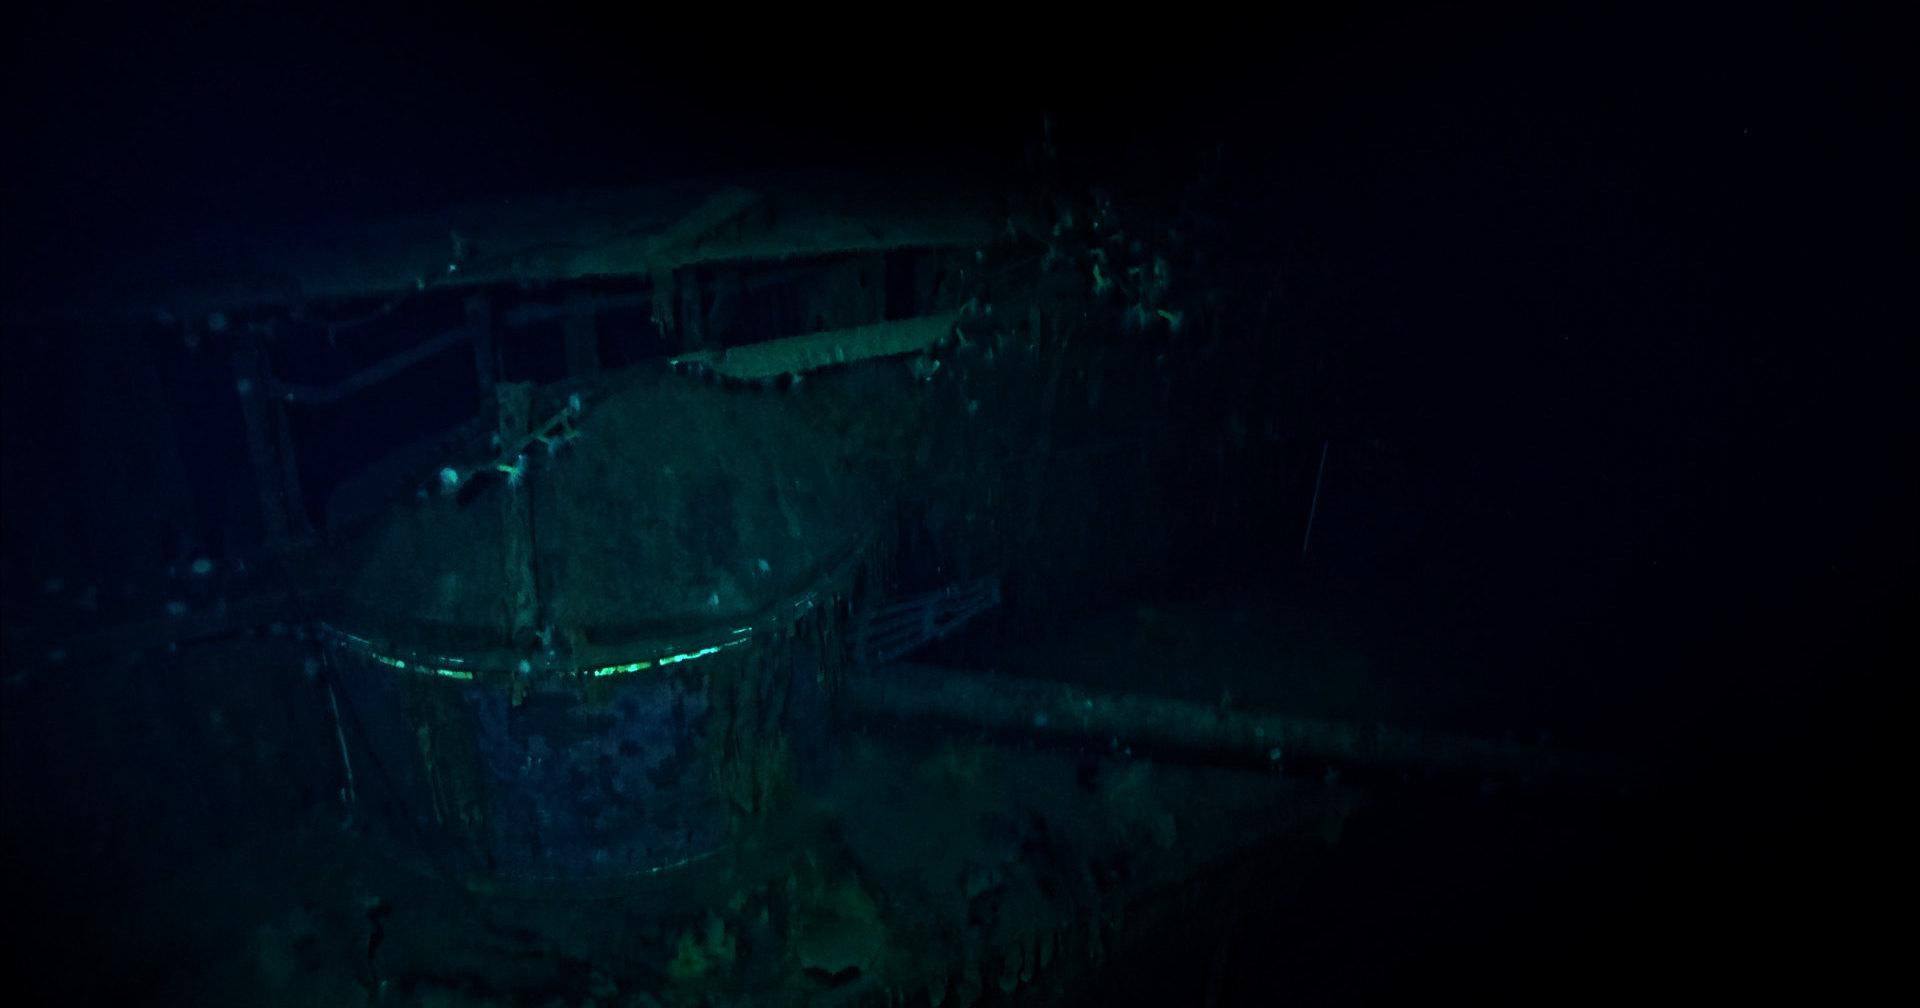 Подводный дрон помог найти японский авианосец, потопленный в 1942 году